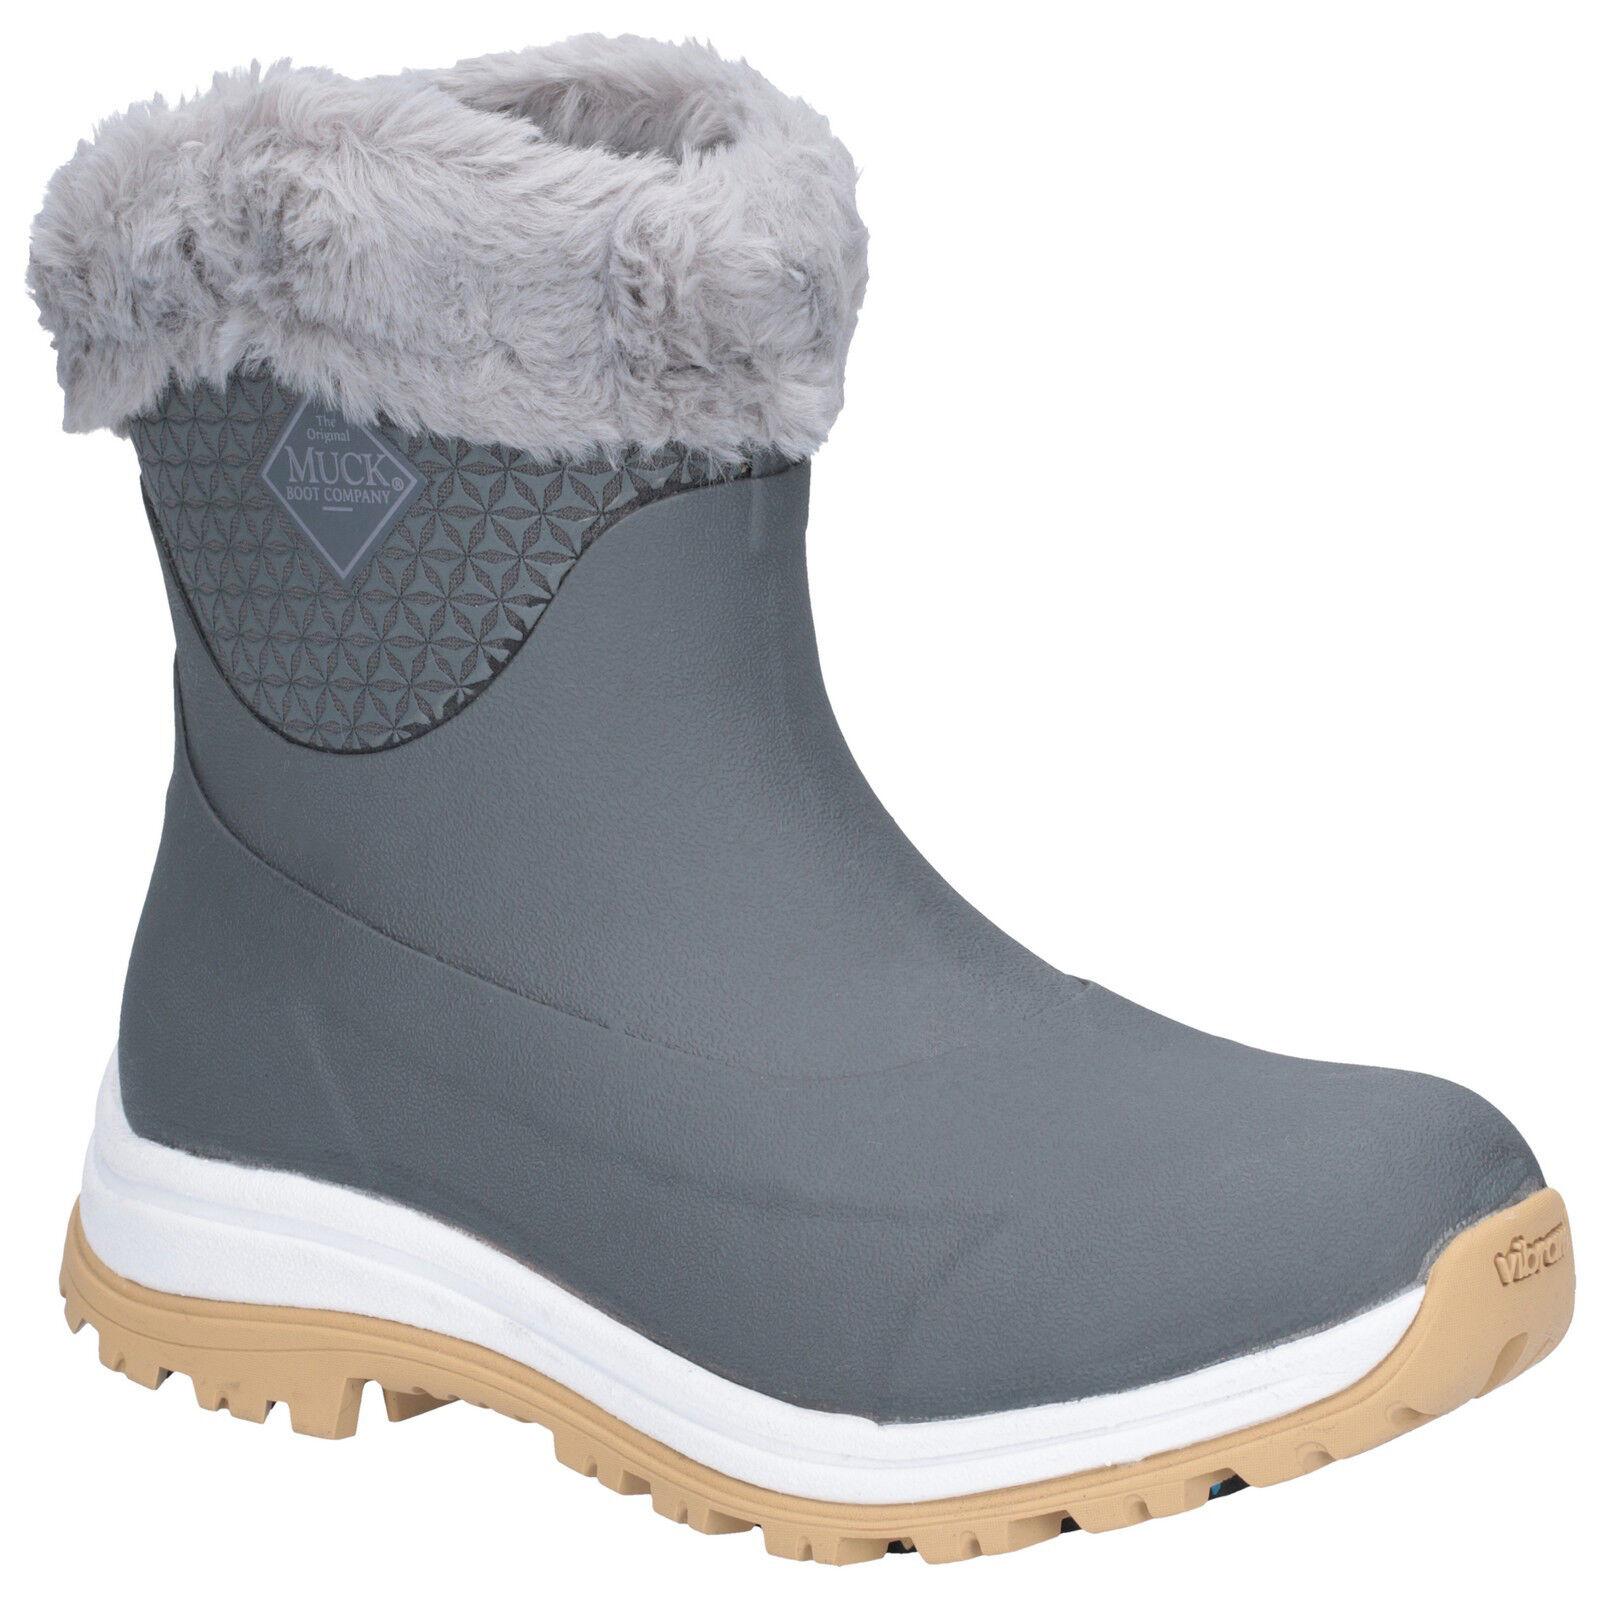 Muck bota-Ártico bota-Ártico bota-Ártico Apres Slip-On AG-gris-rojoucido de  a  mejor calidad mejor precio